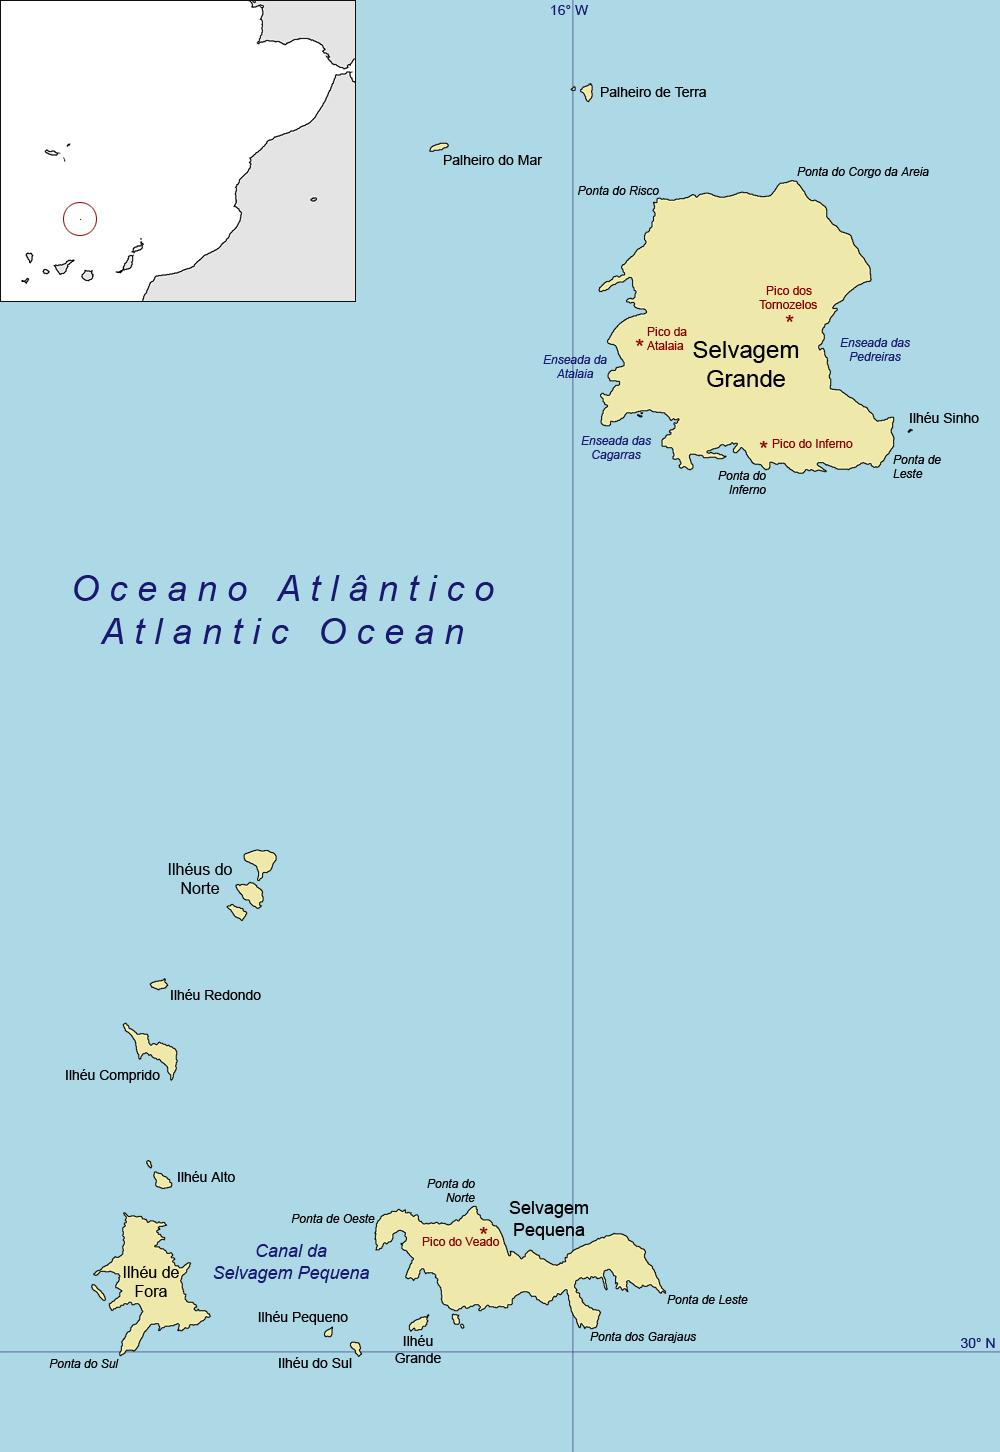 mapa das ilhas dos açores e madeira Ilhas Selvagens – Wikipédia, a enciclopédia livre mapa das ilhas dos açores e madeira